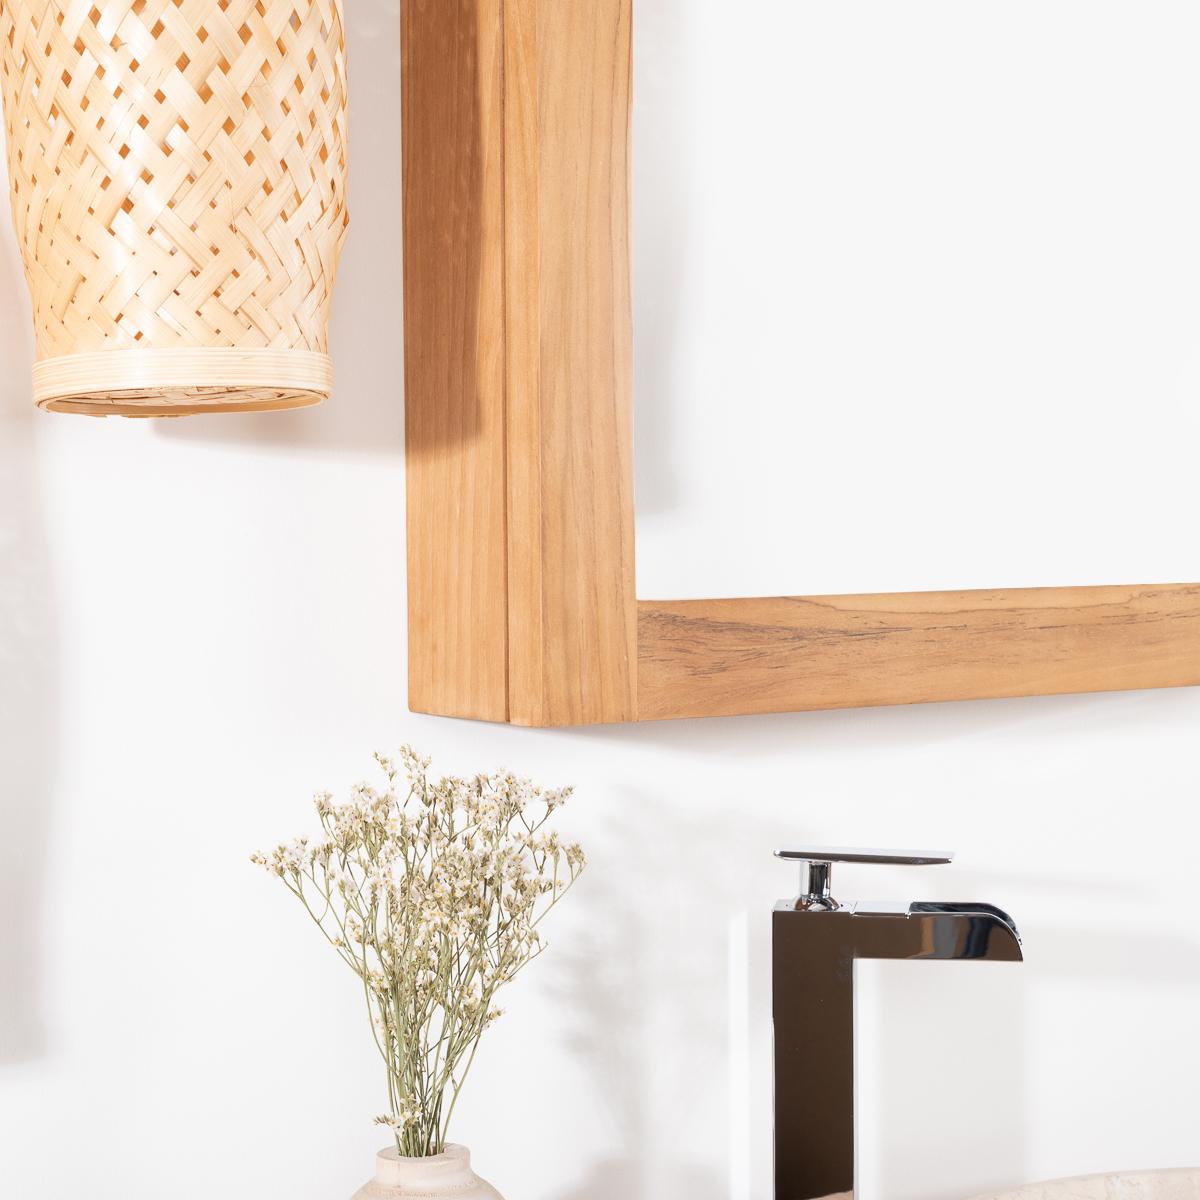 Best miroir teck salle de bain ideas for Armoire de toilette miroir